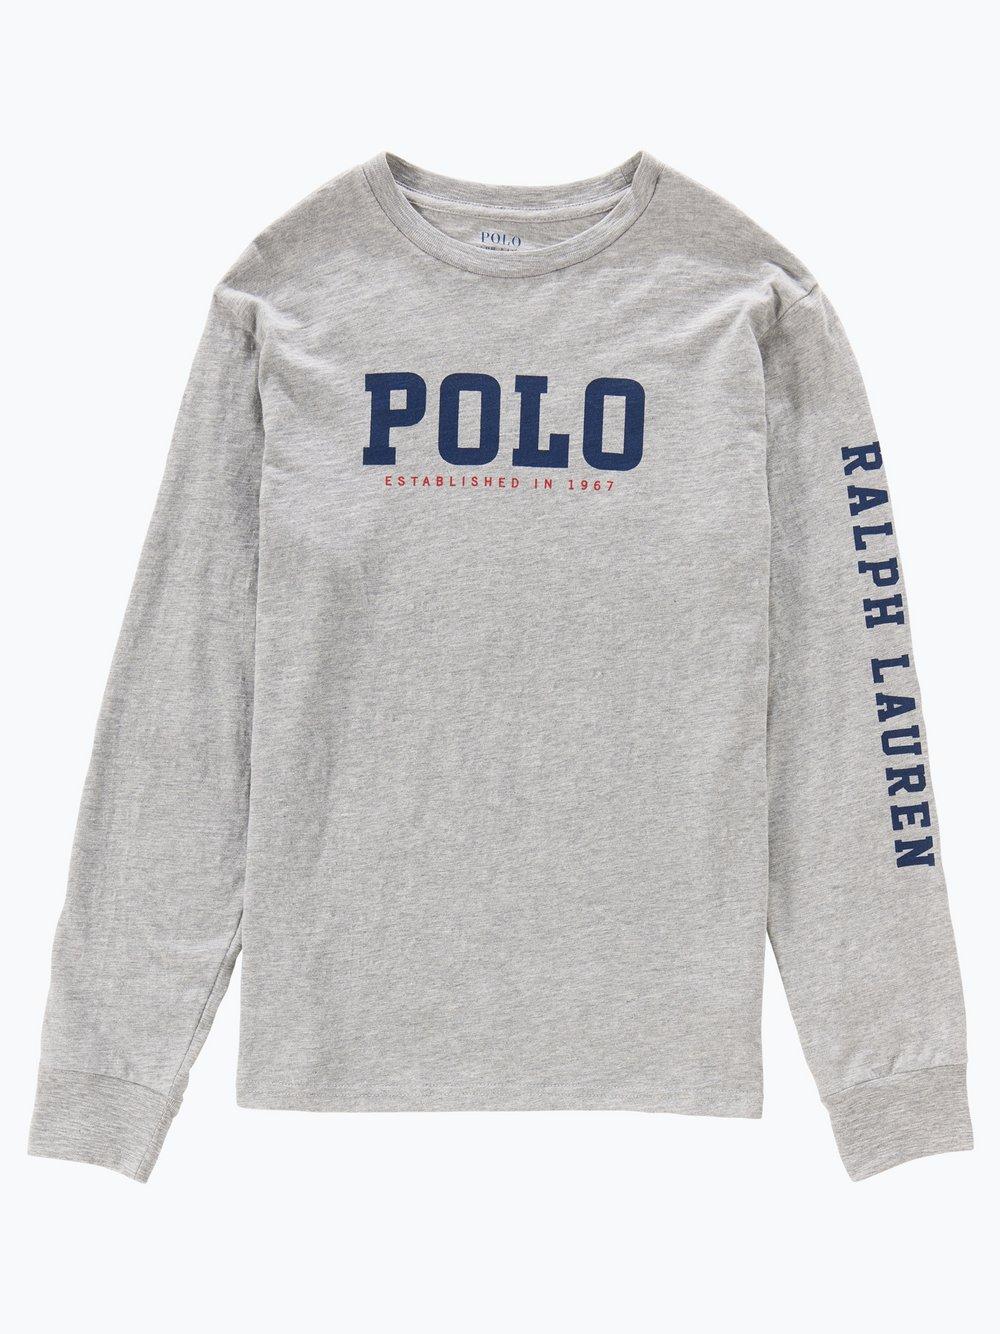 new arrival 5f5b9 10963 Polo Ralph Lauren Jungen Langarmshirt online kaufen ...